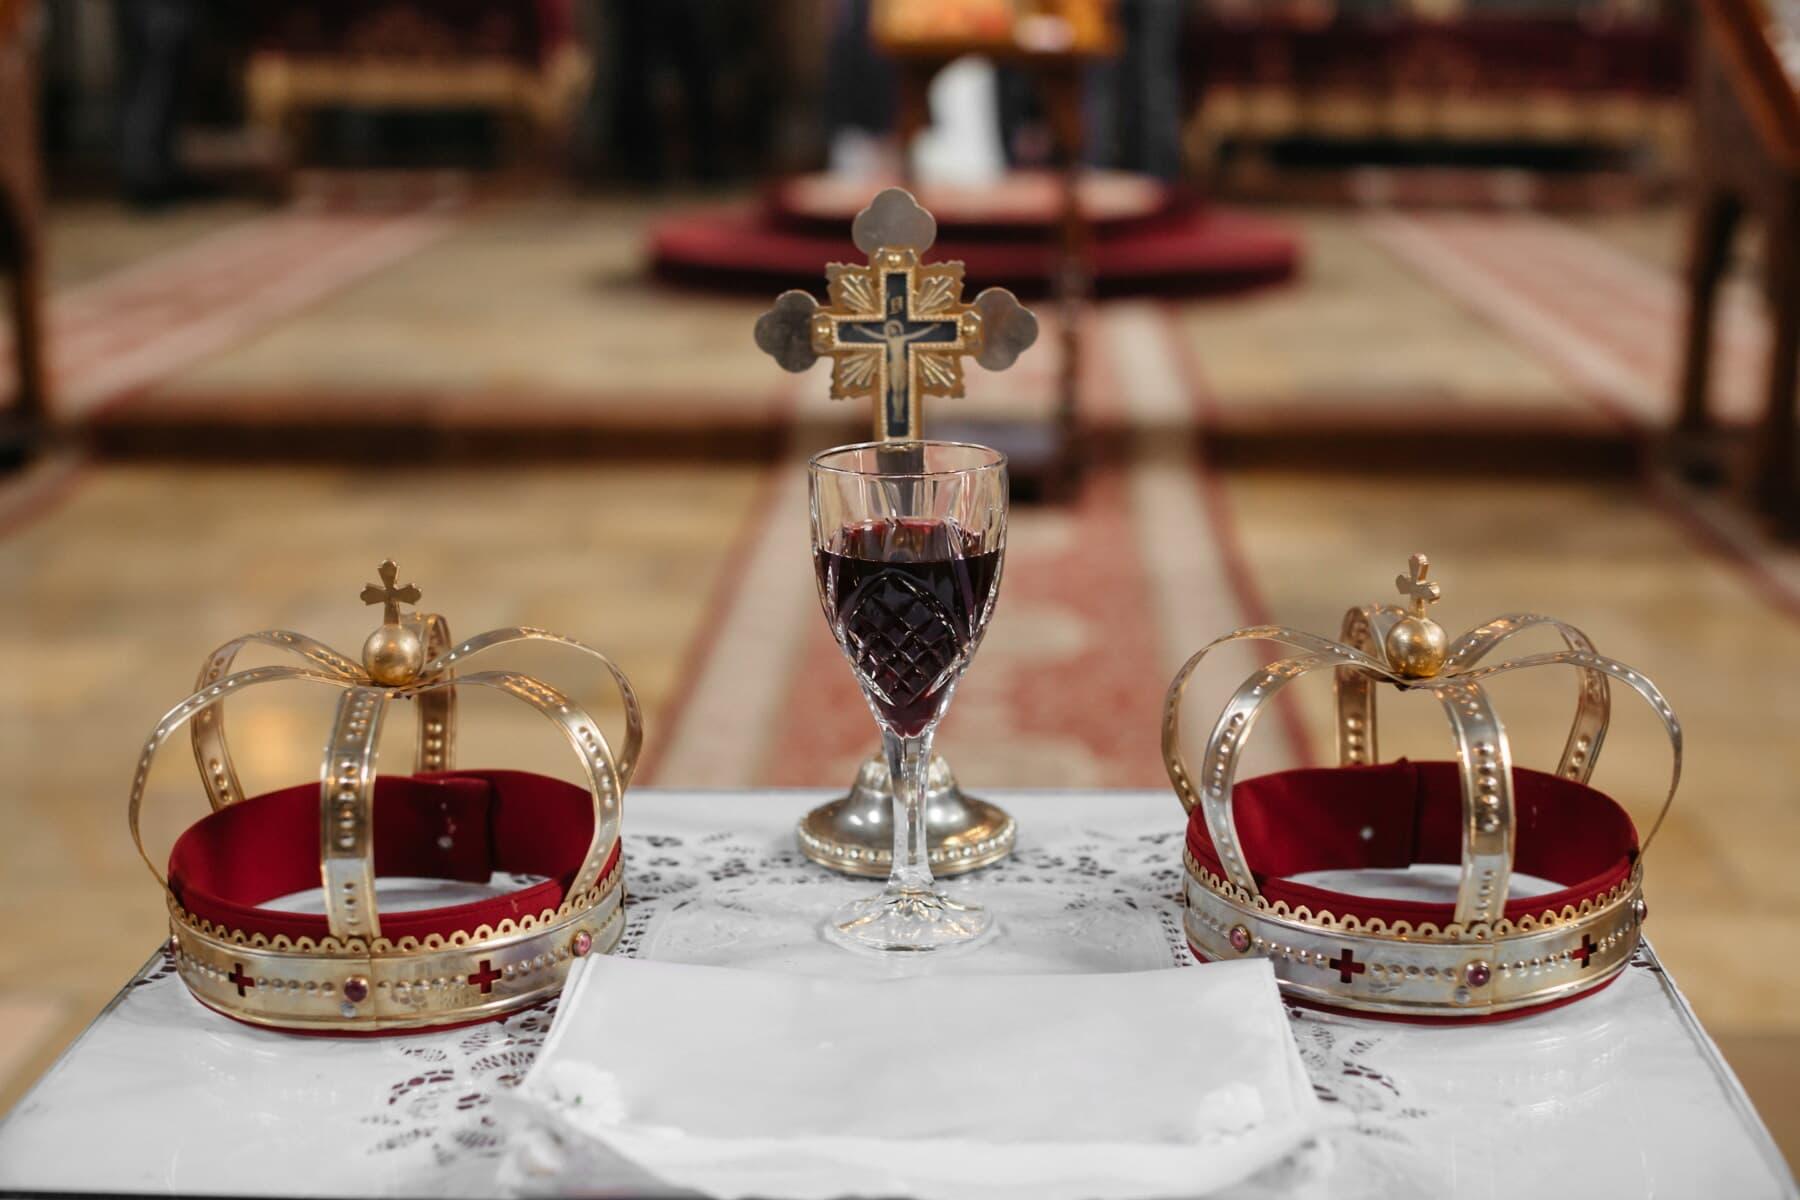 verre, crystal, vin rouge, or, couronnement, baptême, mariage, Croix, Couronne, Christianisme